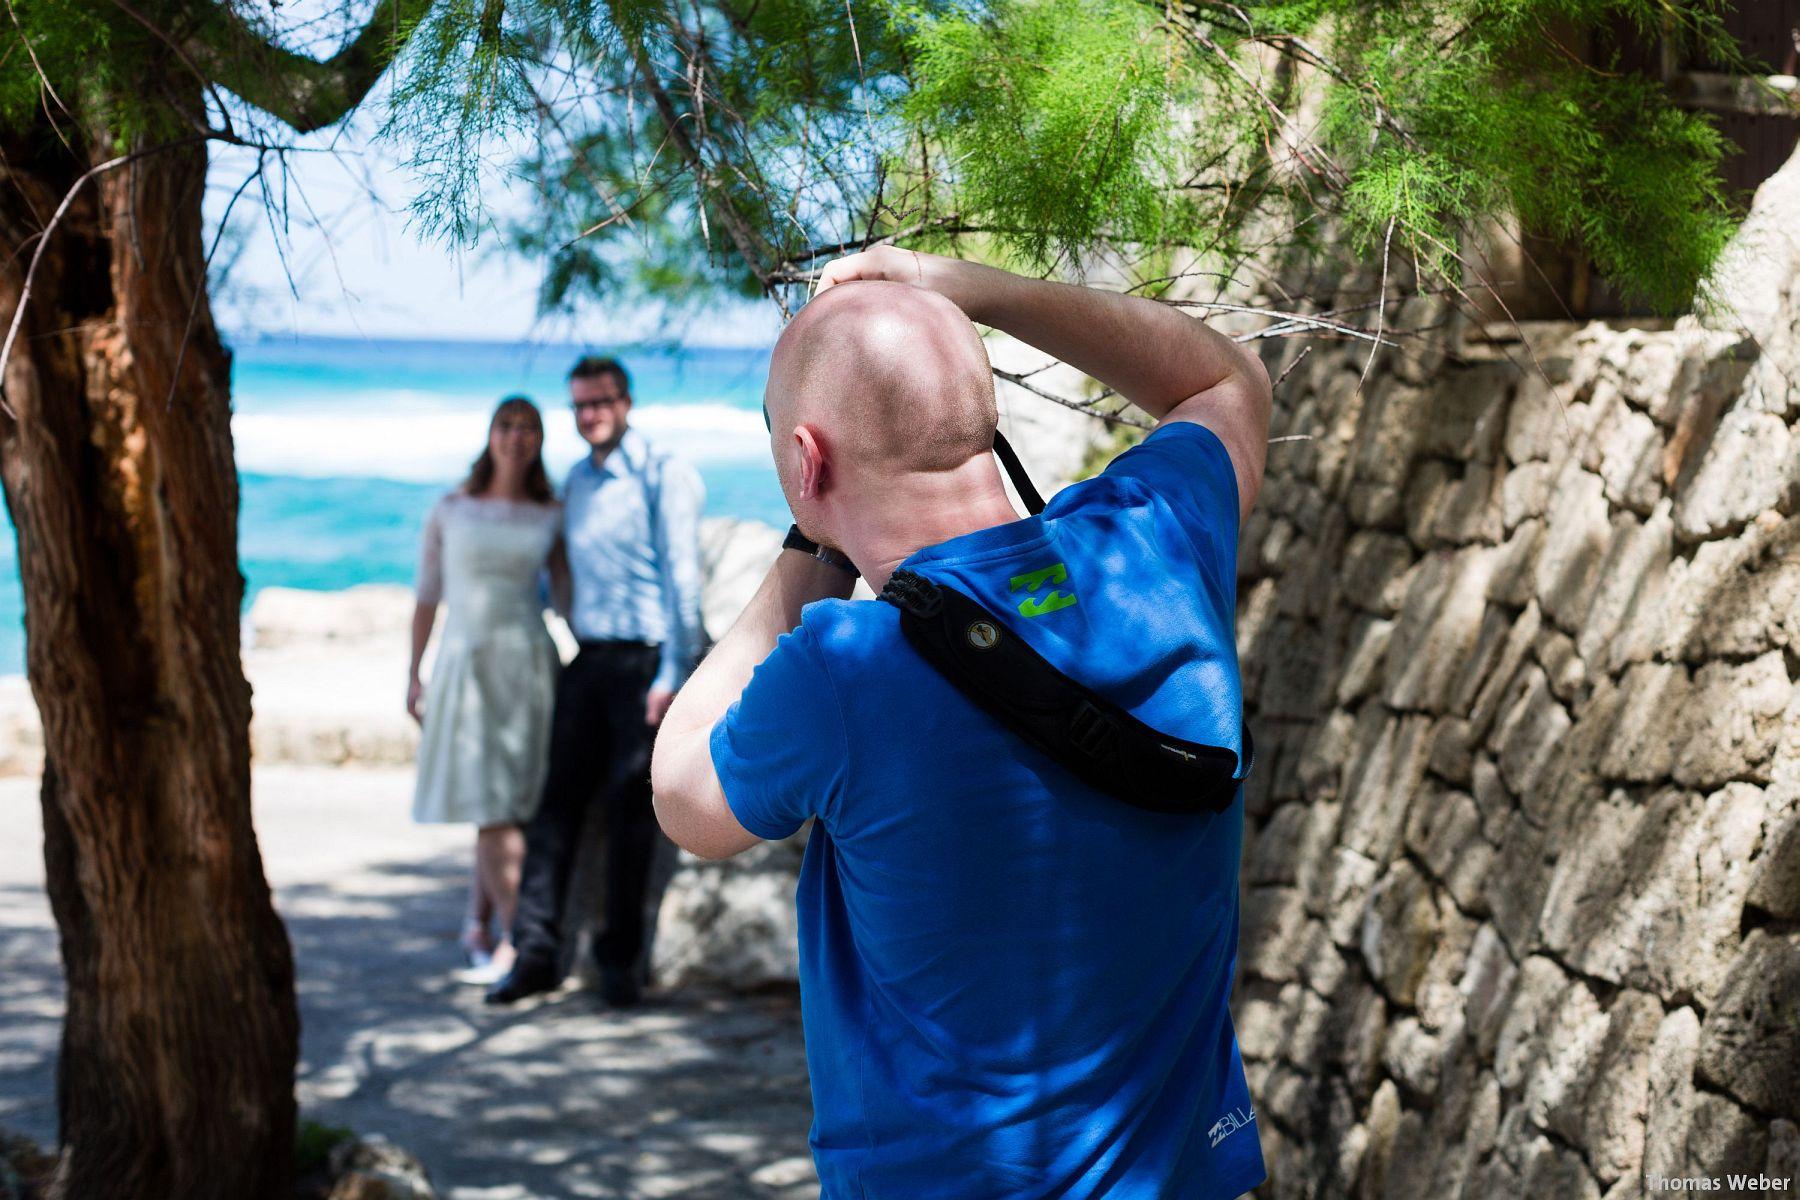 Hochzeitsfotograf Thomas Weber aus Oldenburg: Hochzeitsfotos und Paarfotos auf Mallorca (61)